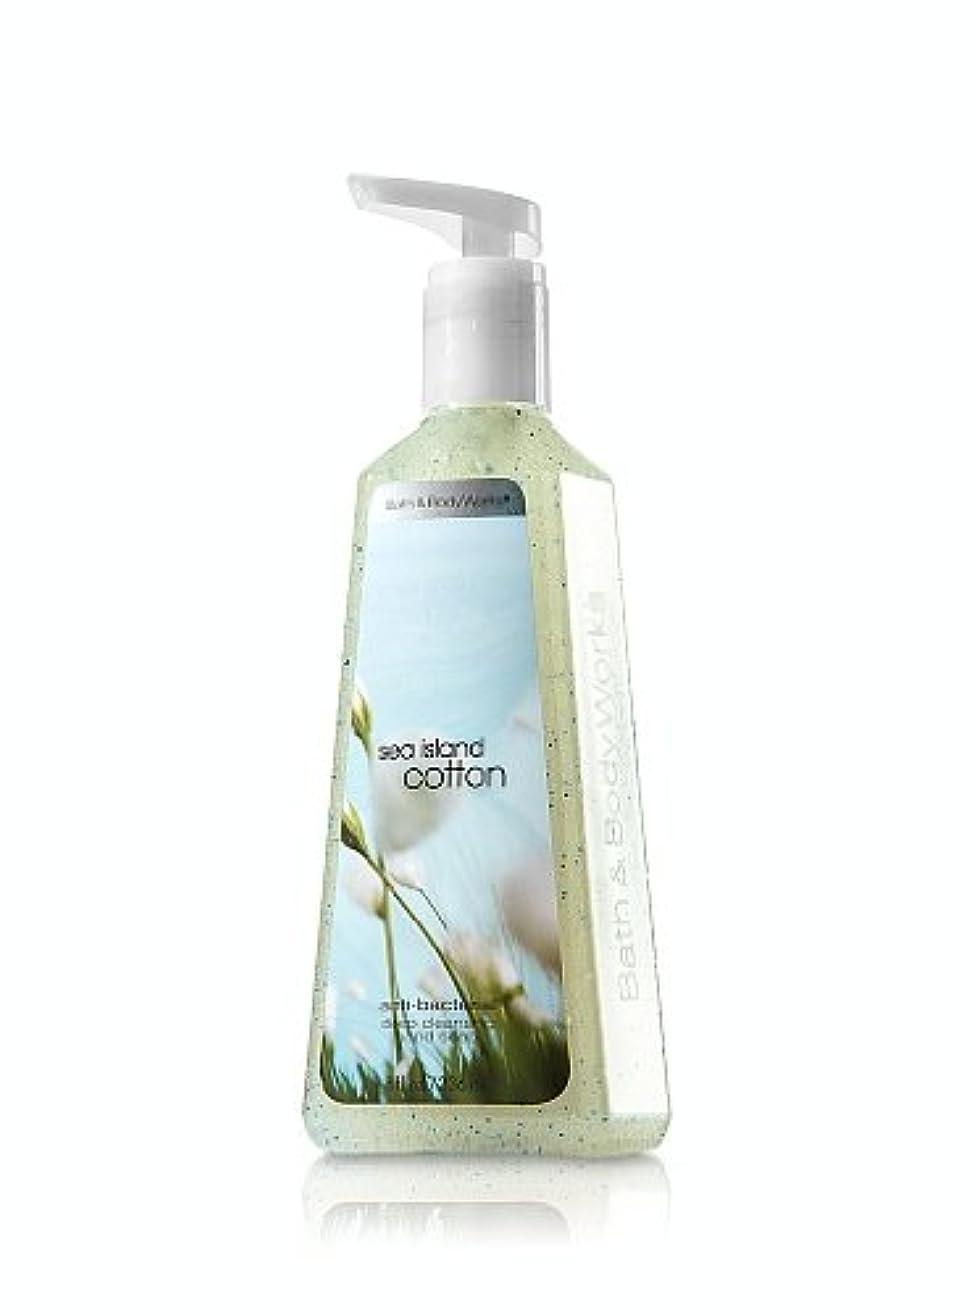 バイバイ接続偶然のバス&ボディワークス シーアイランドコットン ディープクレンジングハンドソープ Sea Island Cotton Deep Cleansing Hand Soap [並行輸入品]